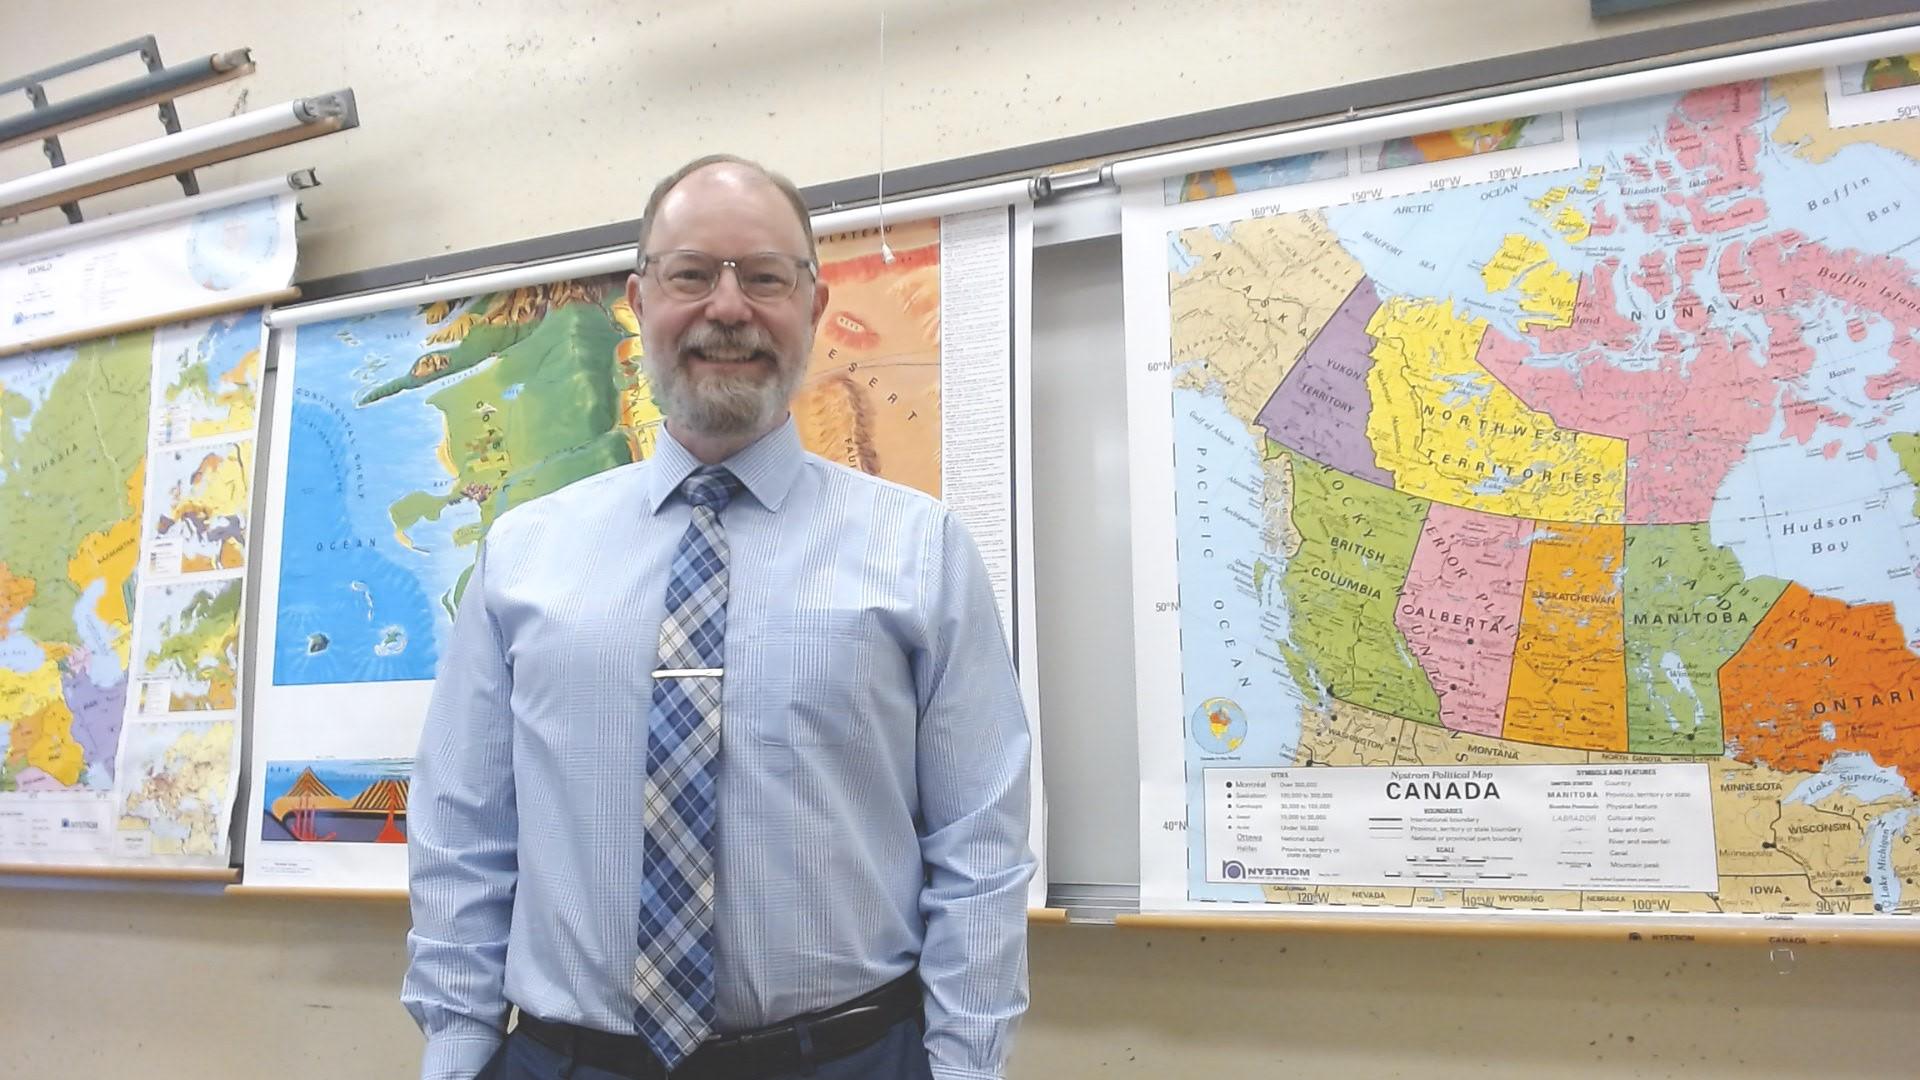 Homme debout devant des cartes dans une salle de classe.